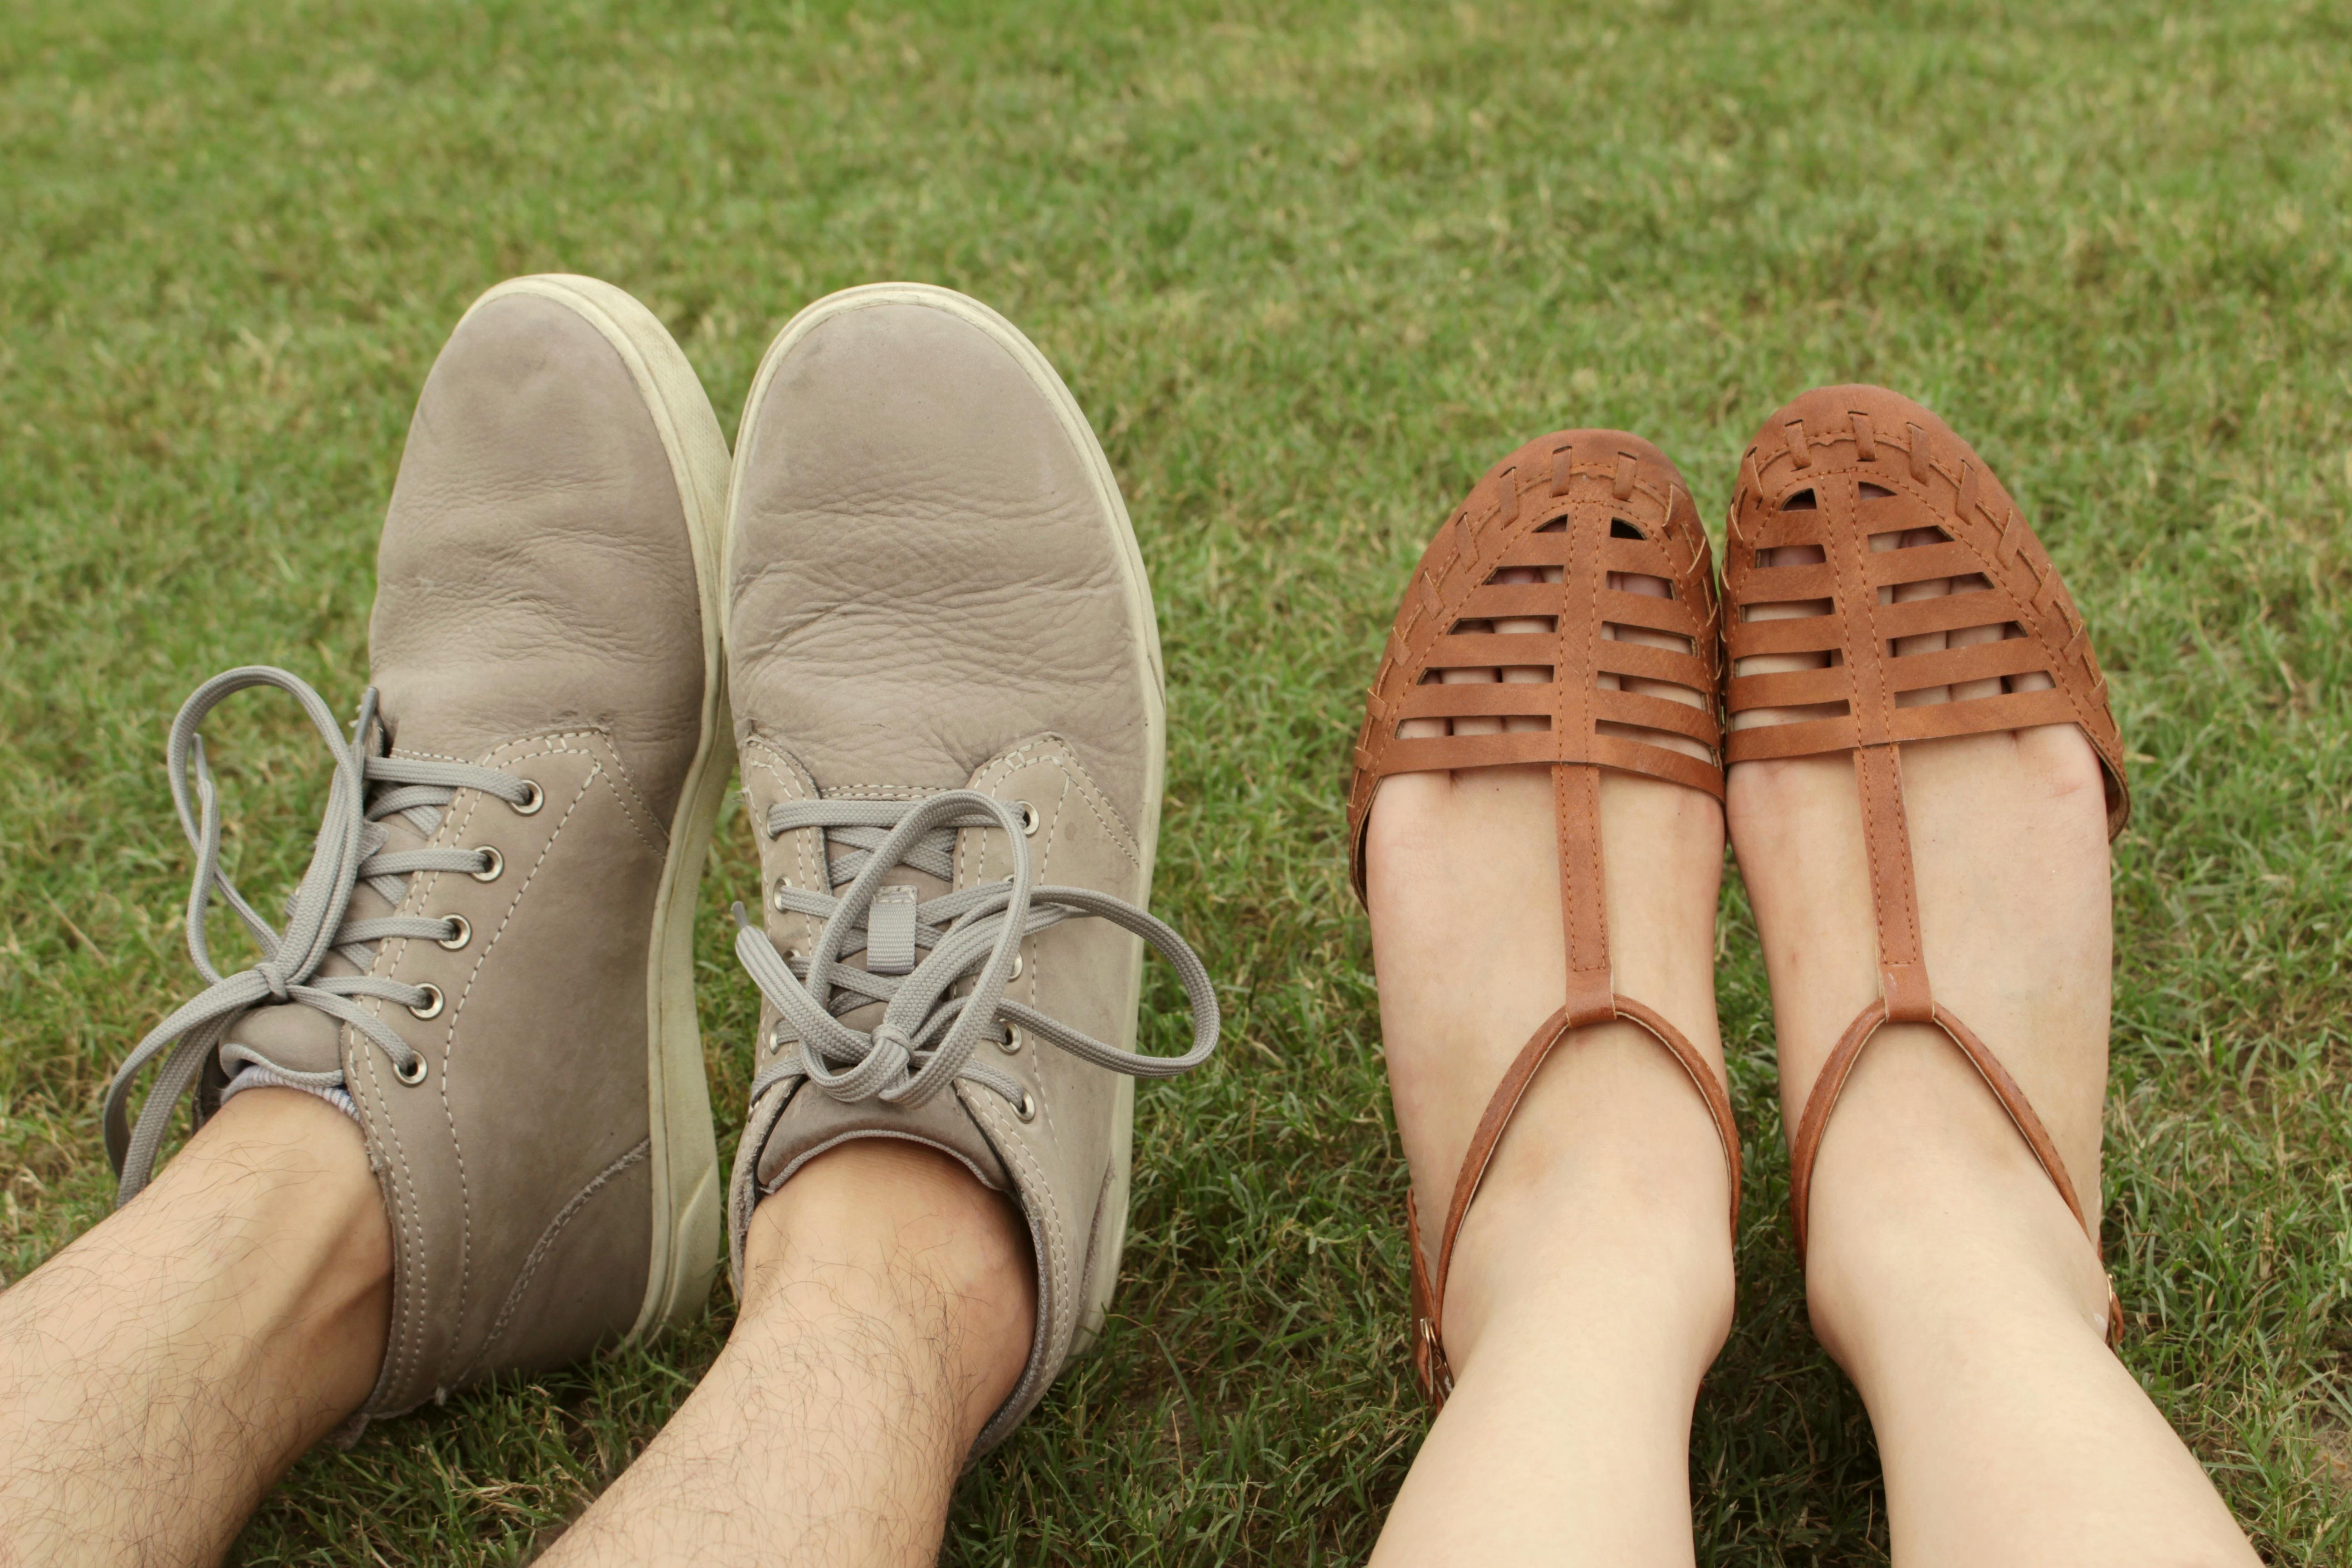 schoenen uitsluitend van leer inclusief voetbodem